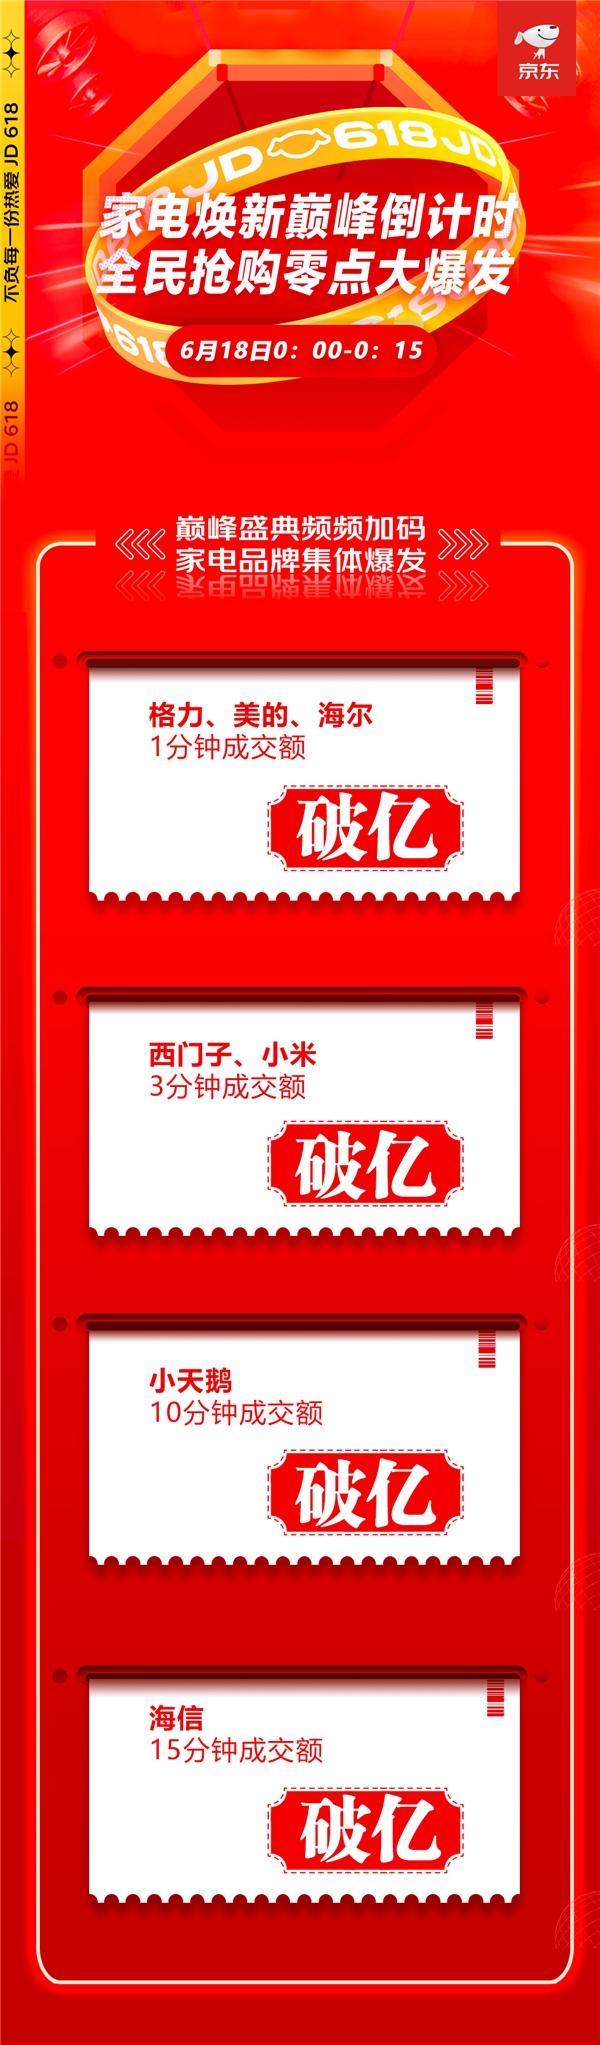 """京东618,18周年庆,国货家电""""战斗力""""持续爆表!"""